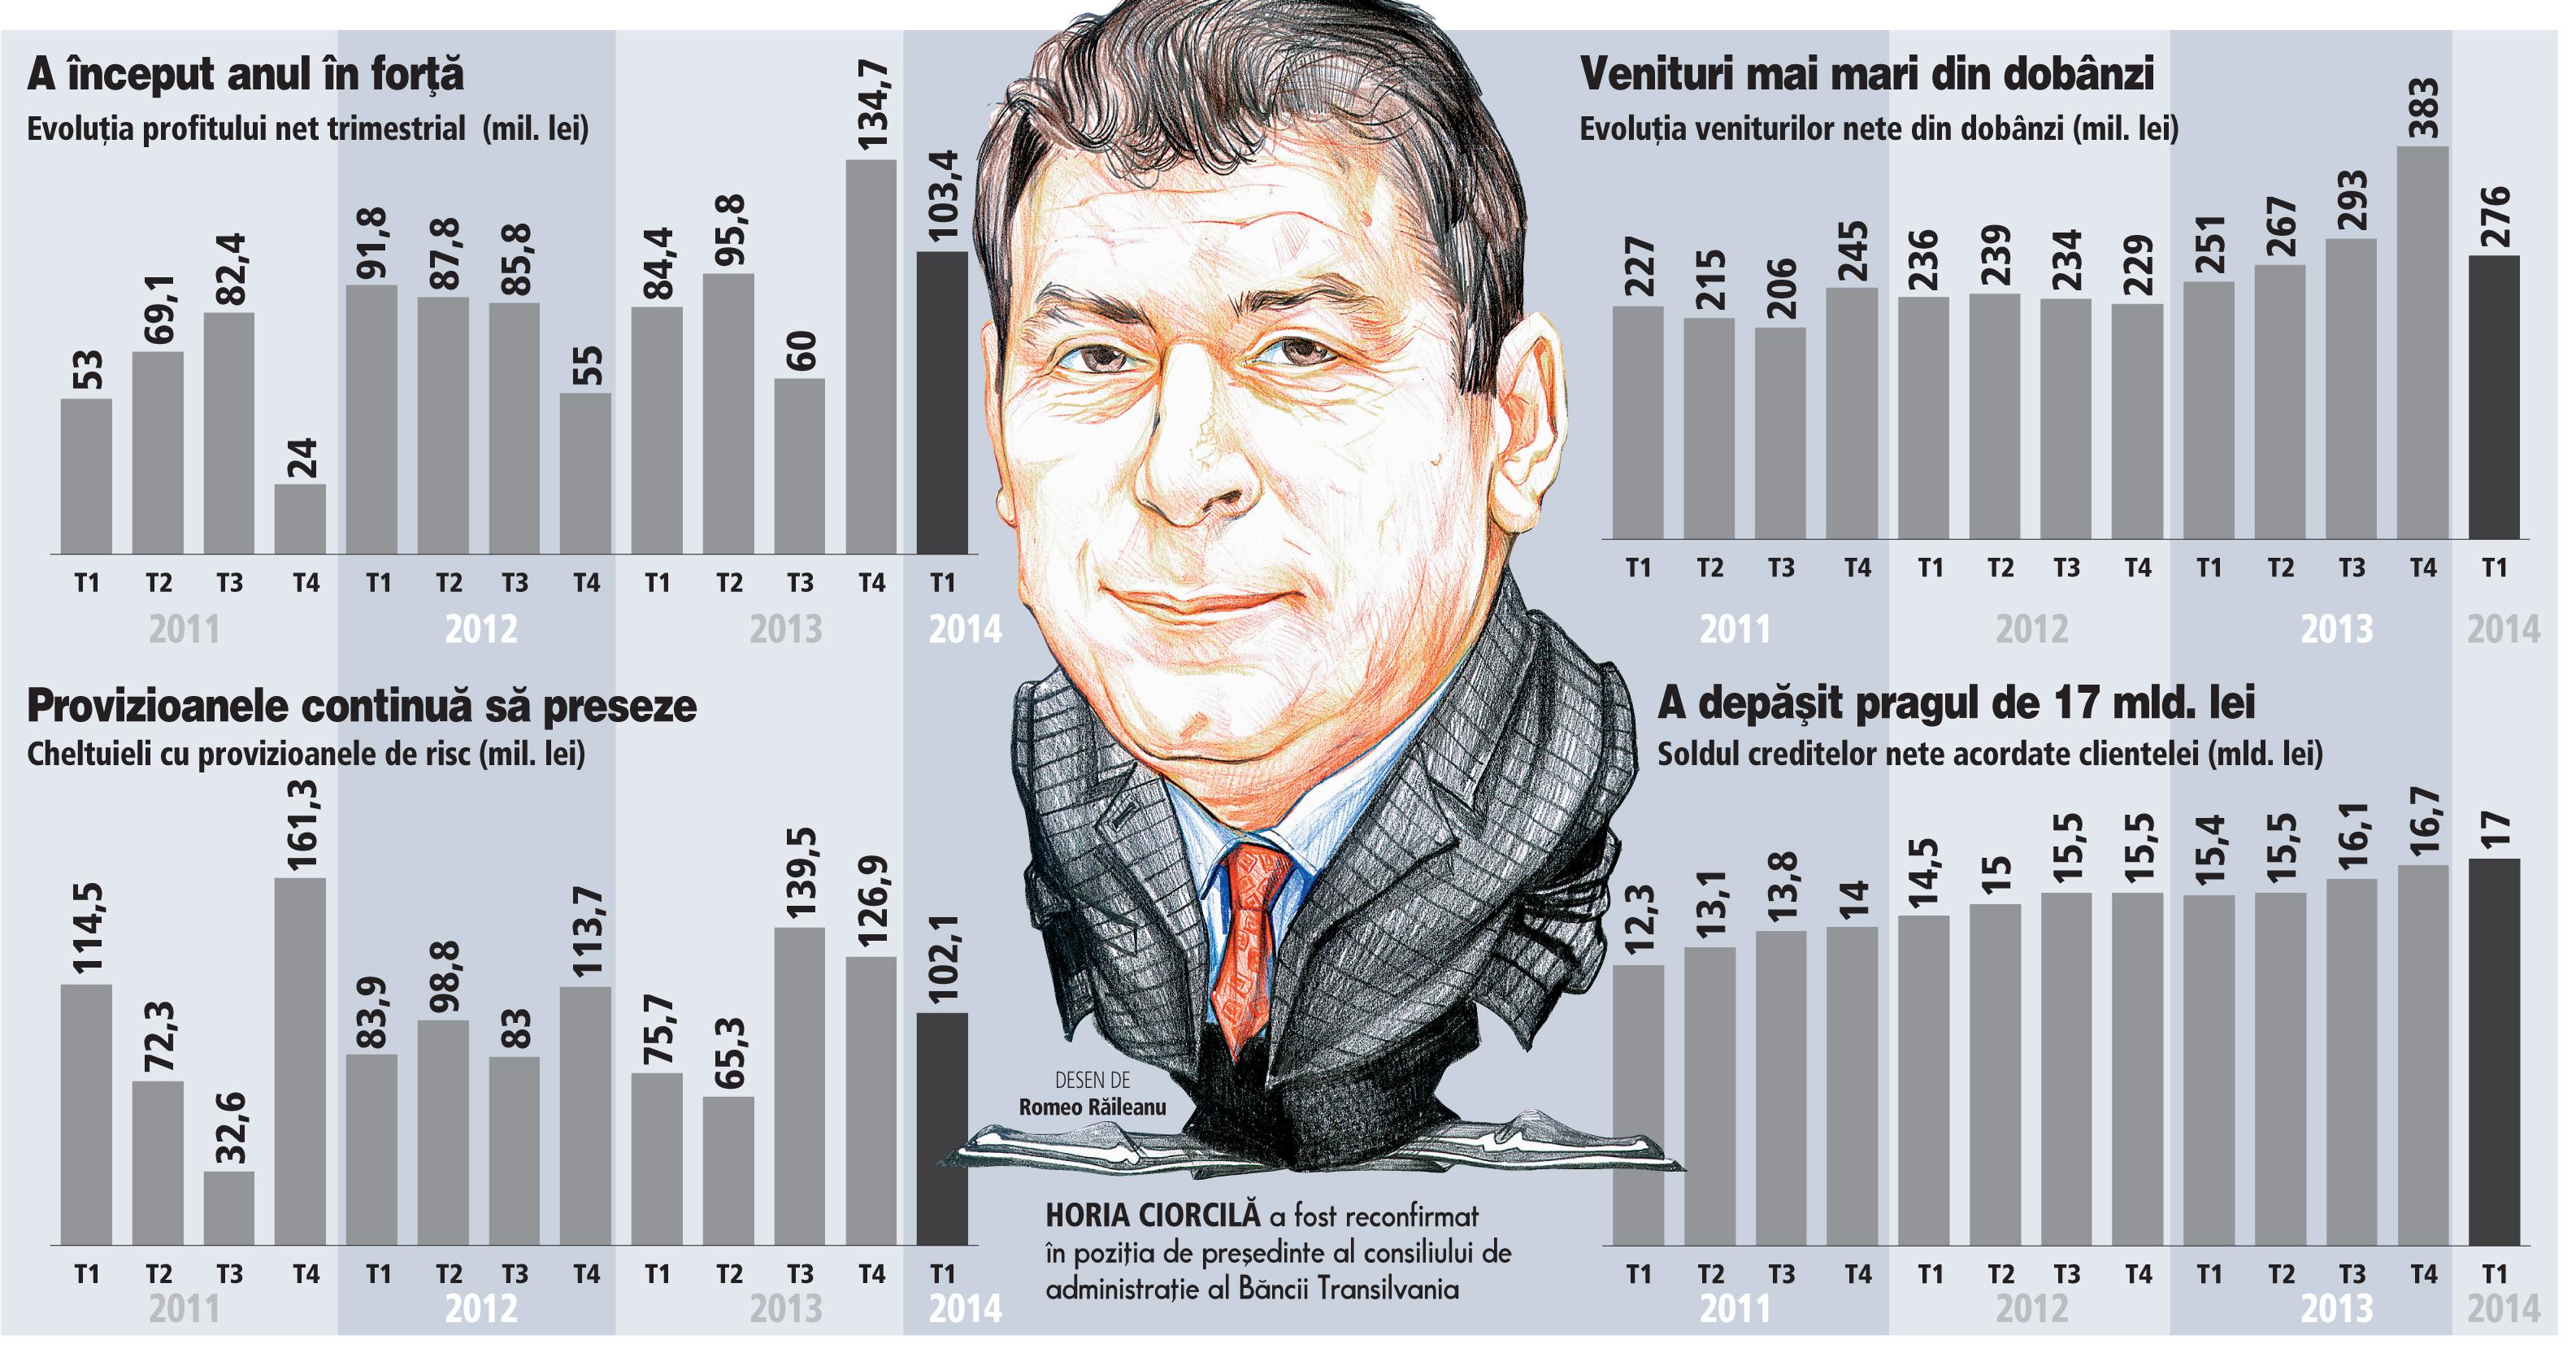 Banca Transilvania: Evoluţia profitului net trimestrial (2011-2014)